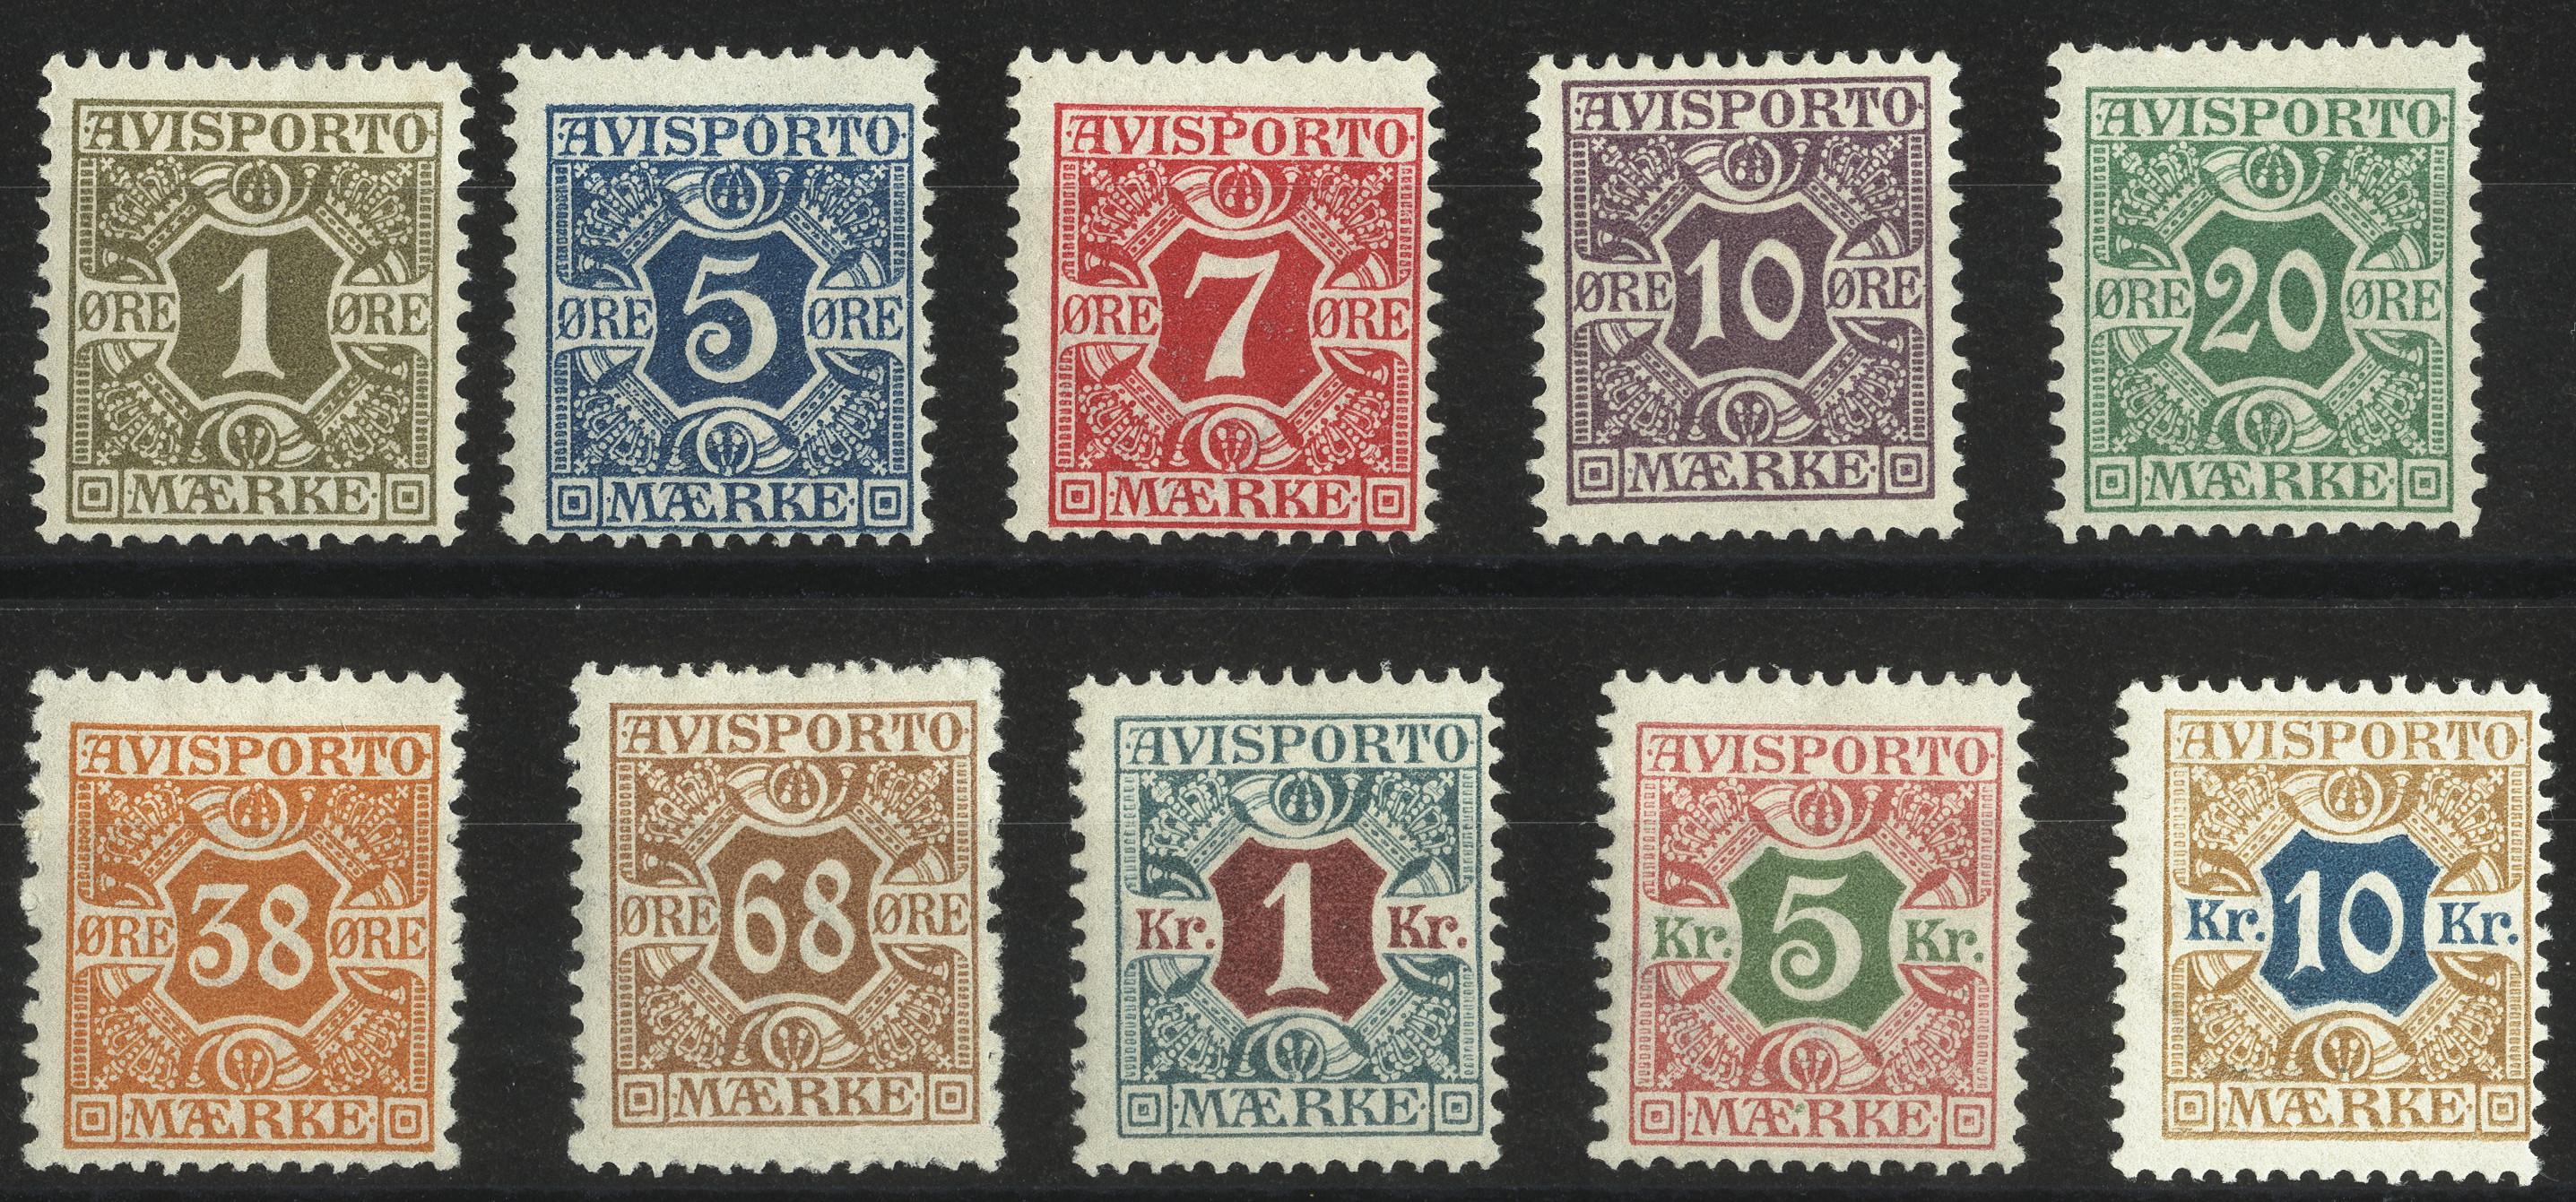 Lot 1131 - Denmark Denmark - Newspaper stamps -  Heinrich Koehler Auktionen Heinrich Köhler Auction 376 - Day 1